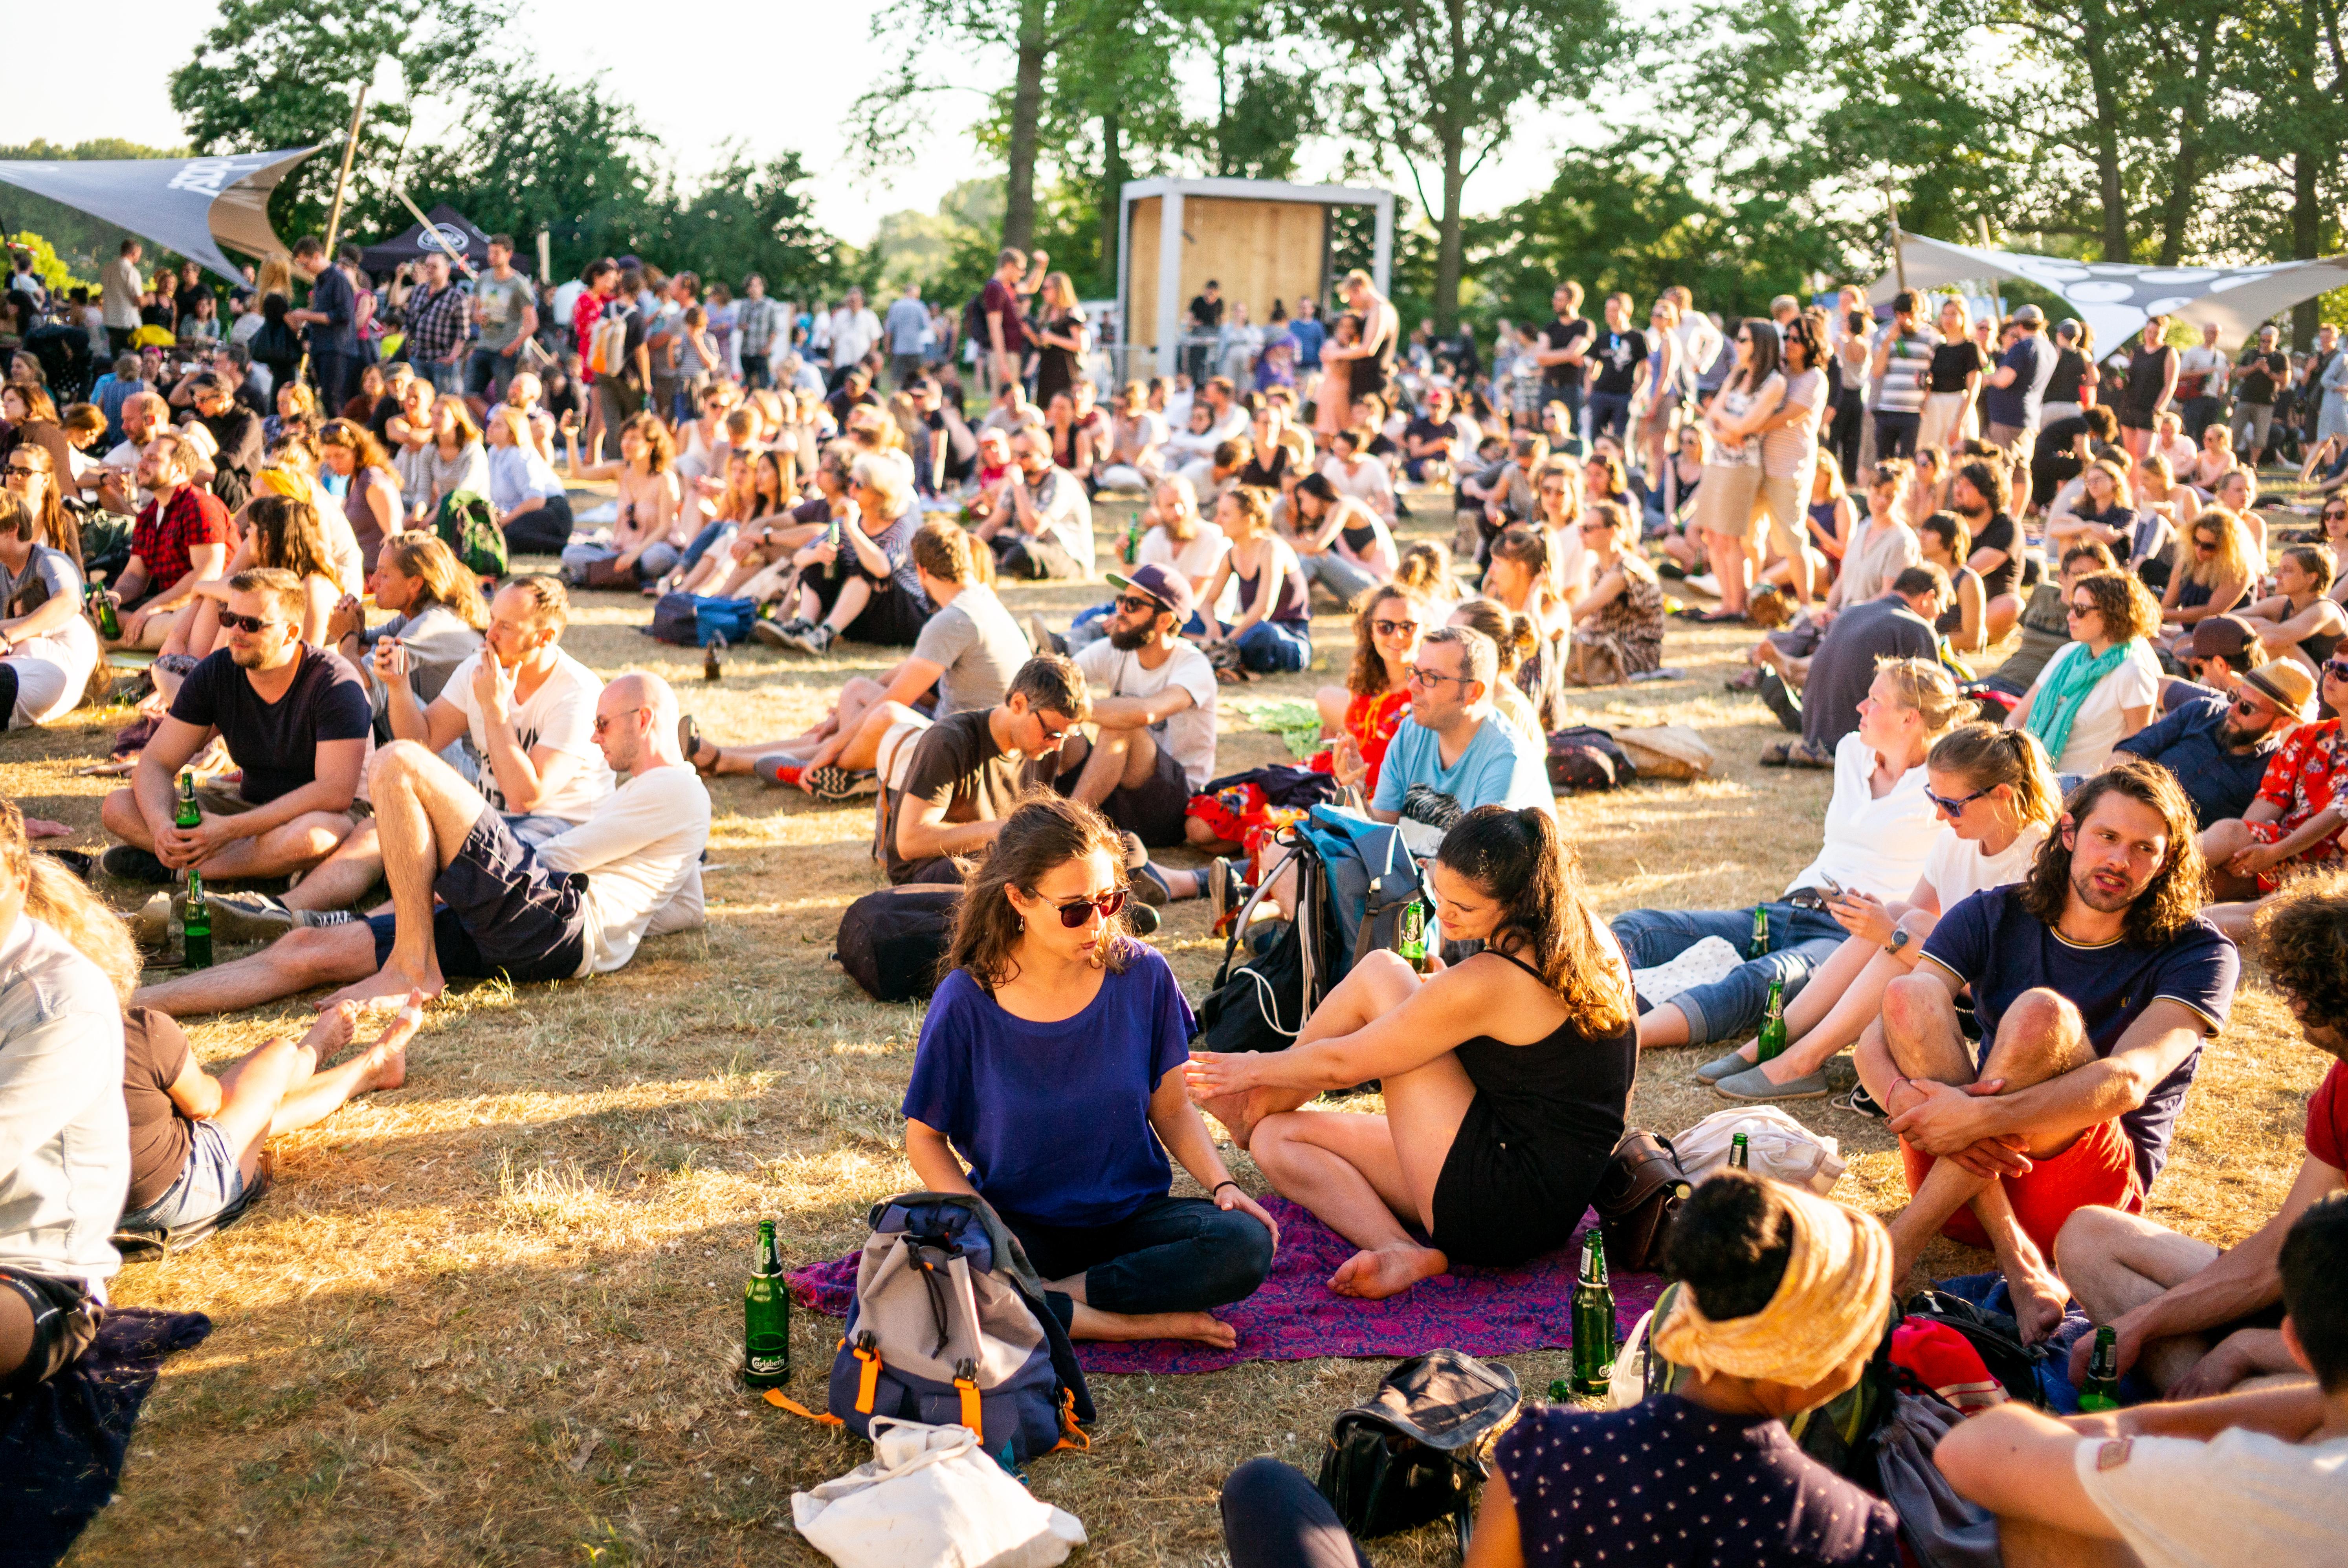 Futur 2 Festival - Festivalgelände